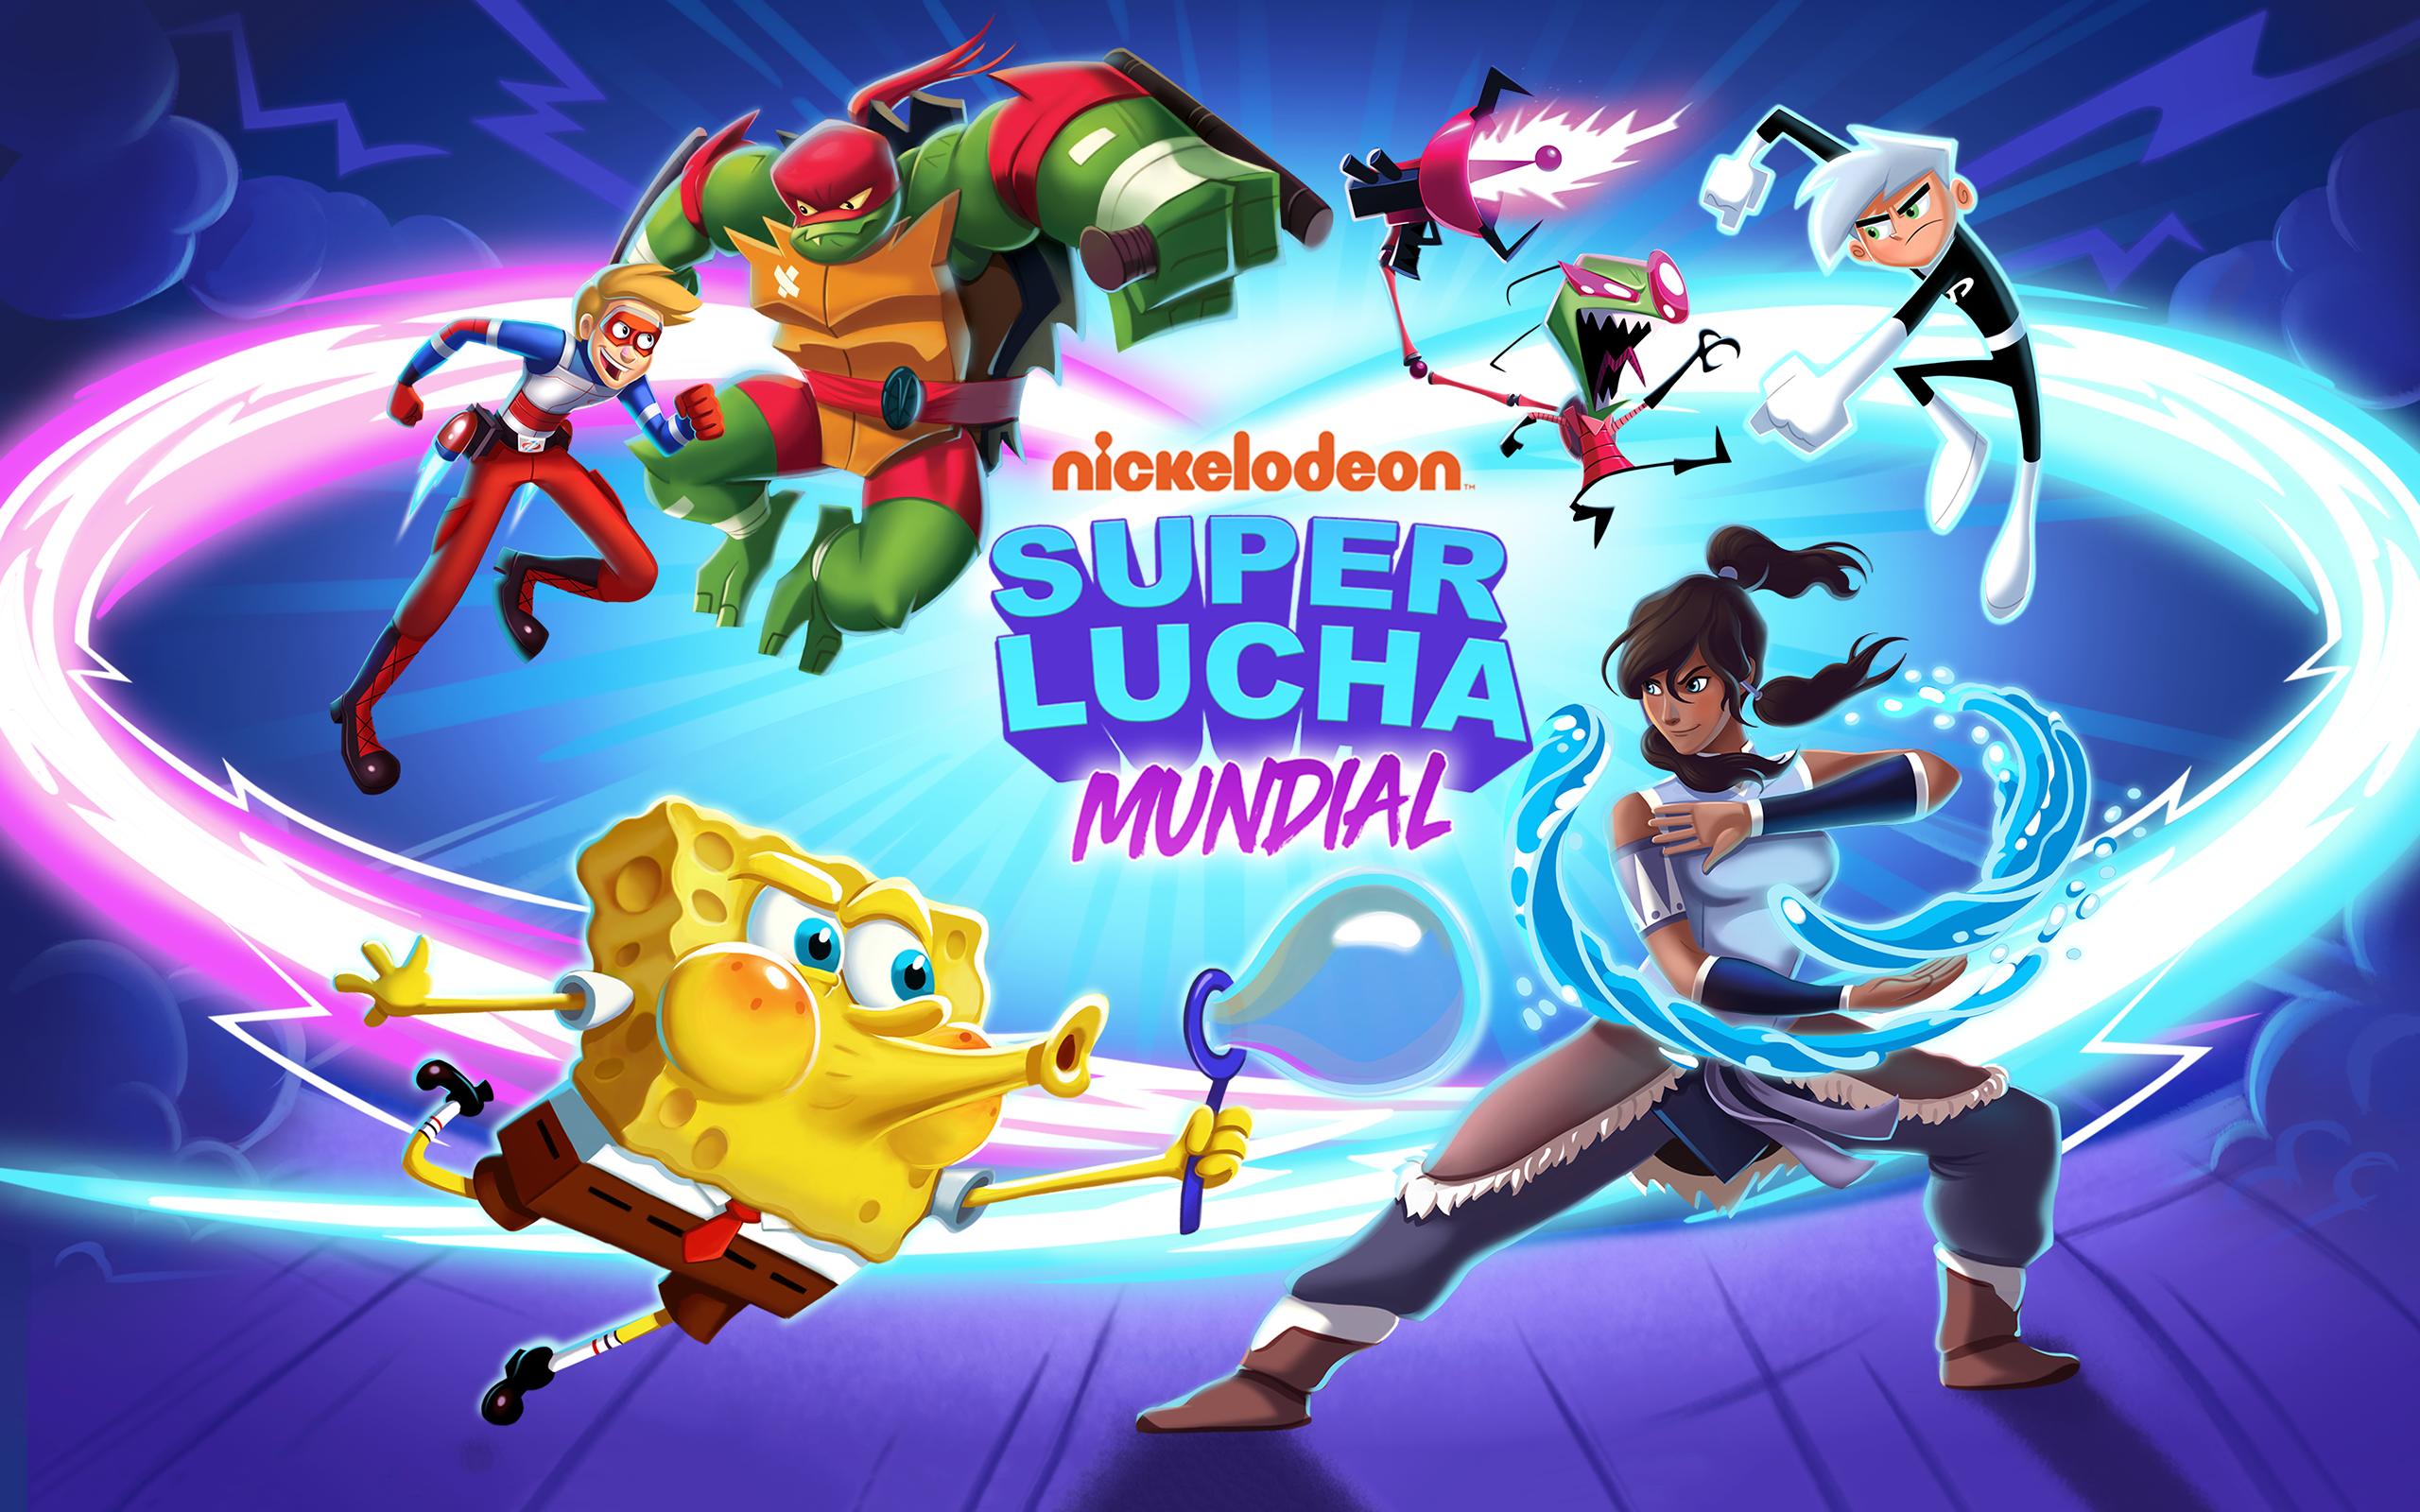 Super Lucha Mundial: Amazon.es: Appstore para Android